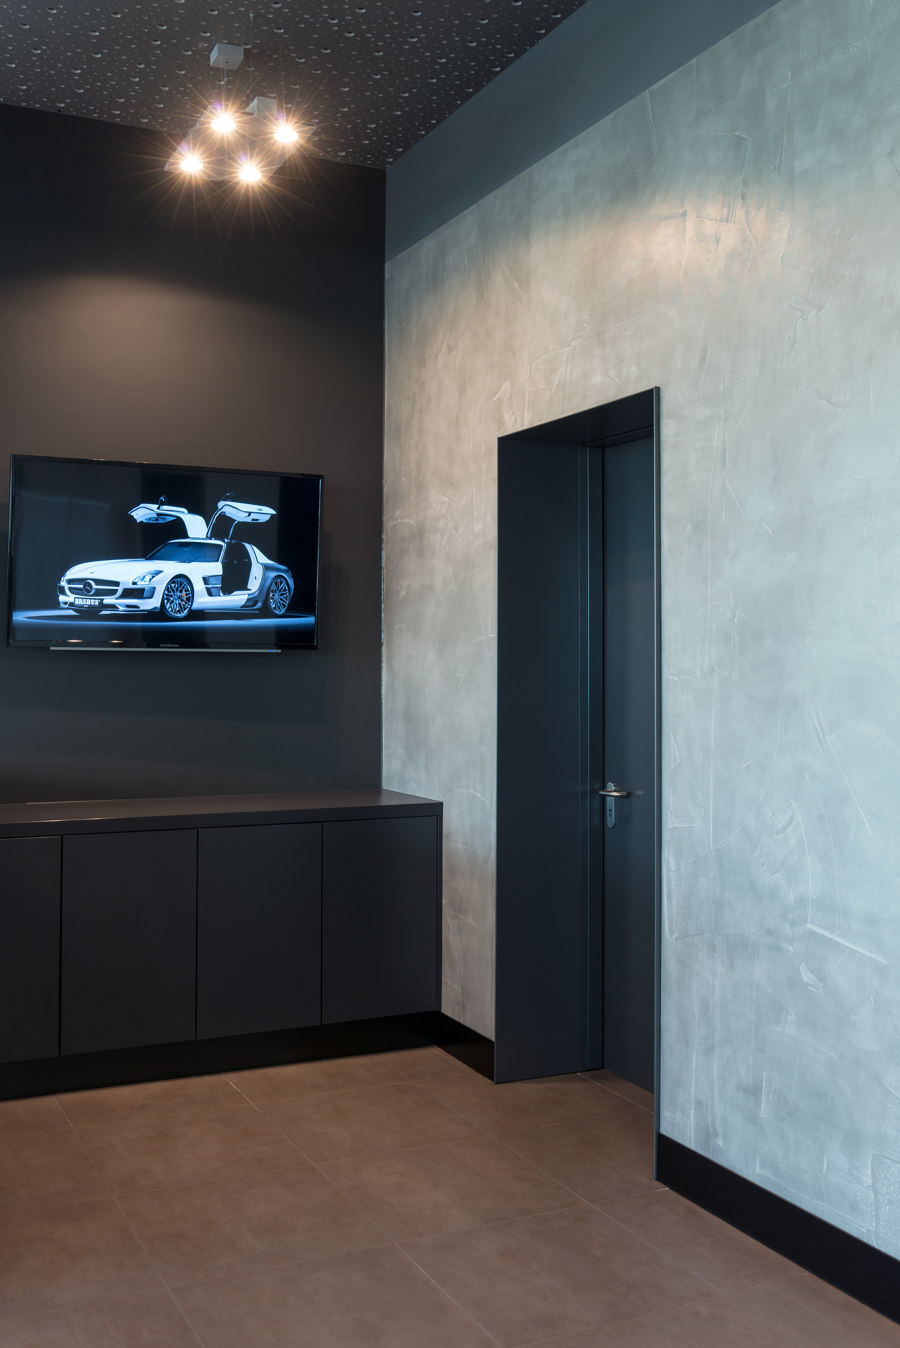 Autohaus Klein & Kautenburger von PANDOMO | Herstellerreferenzen